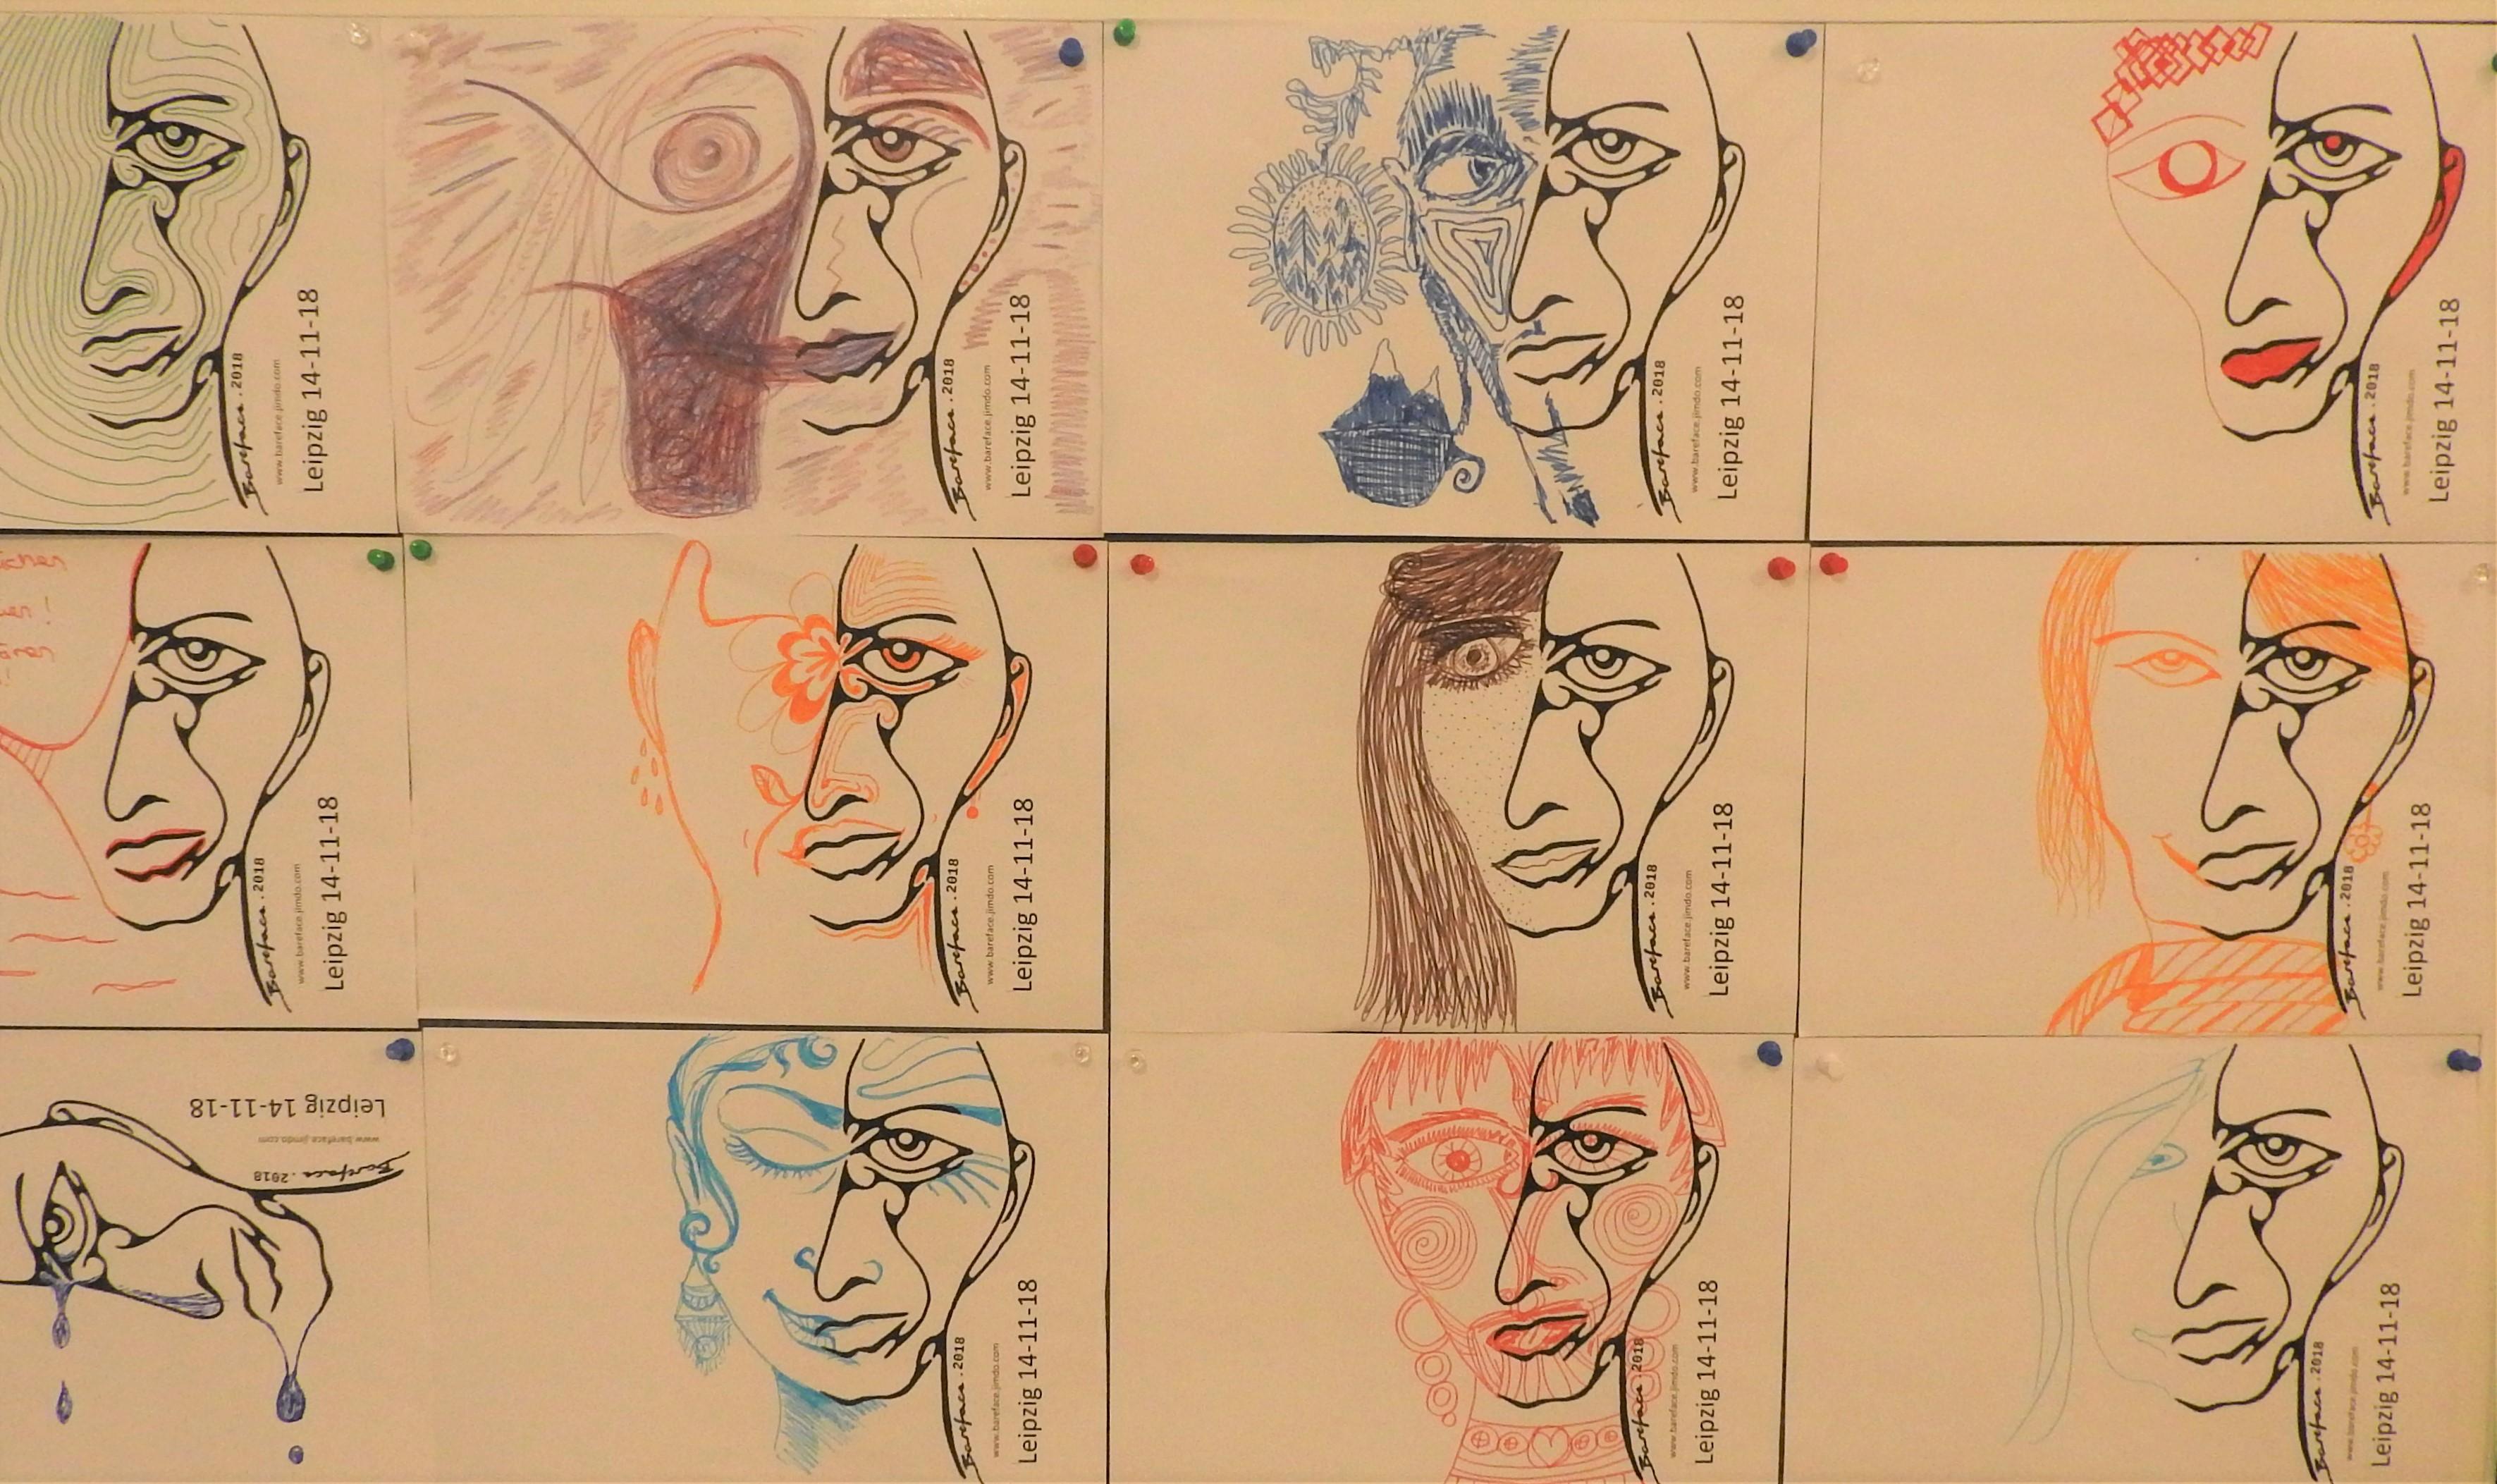 Gezeichnete Portraits von Gesichtern